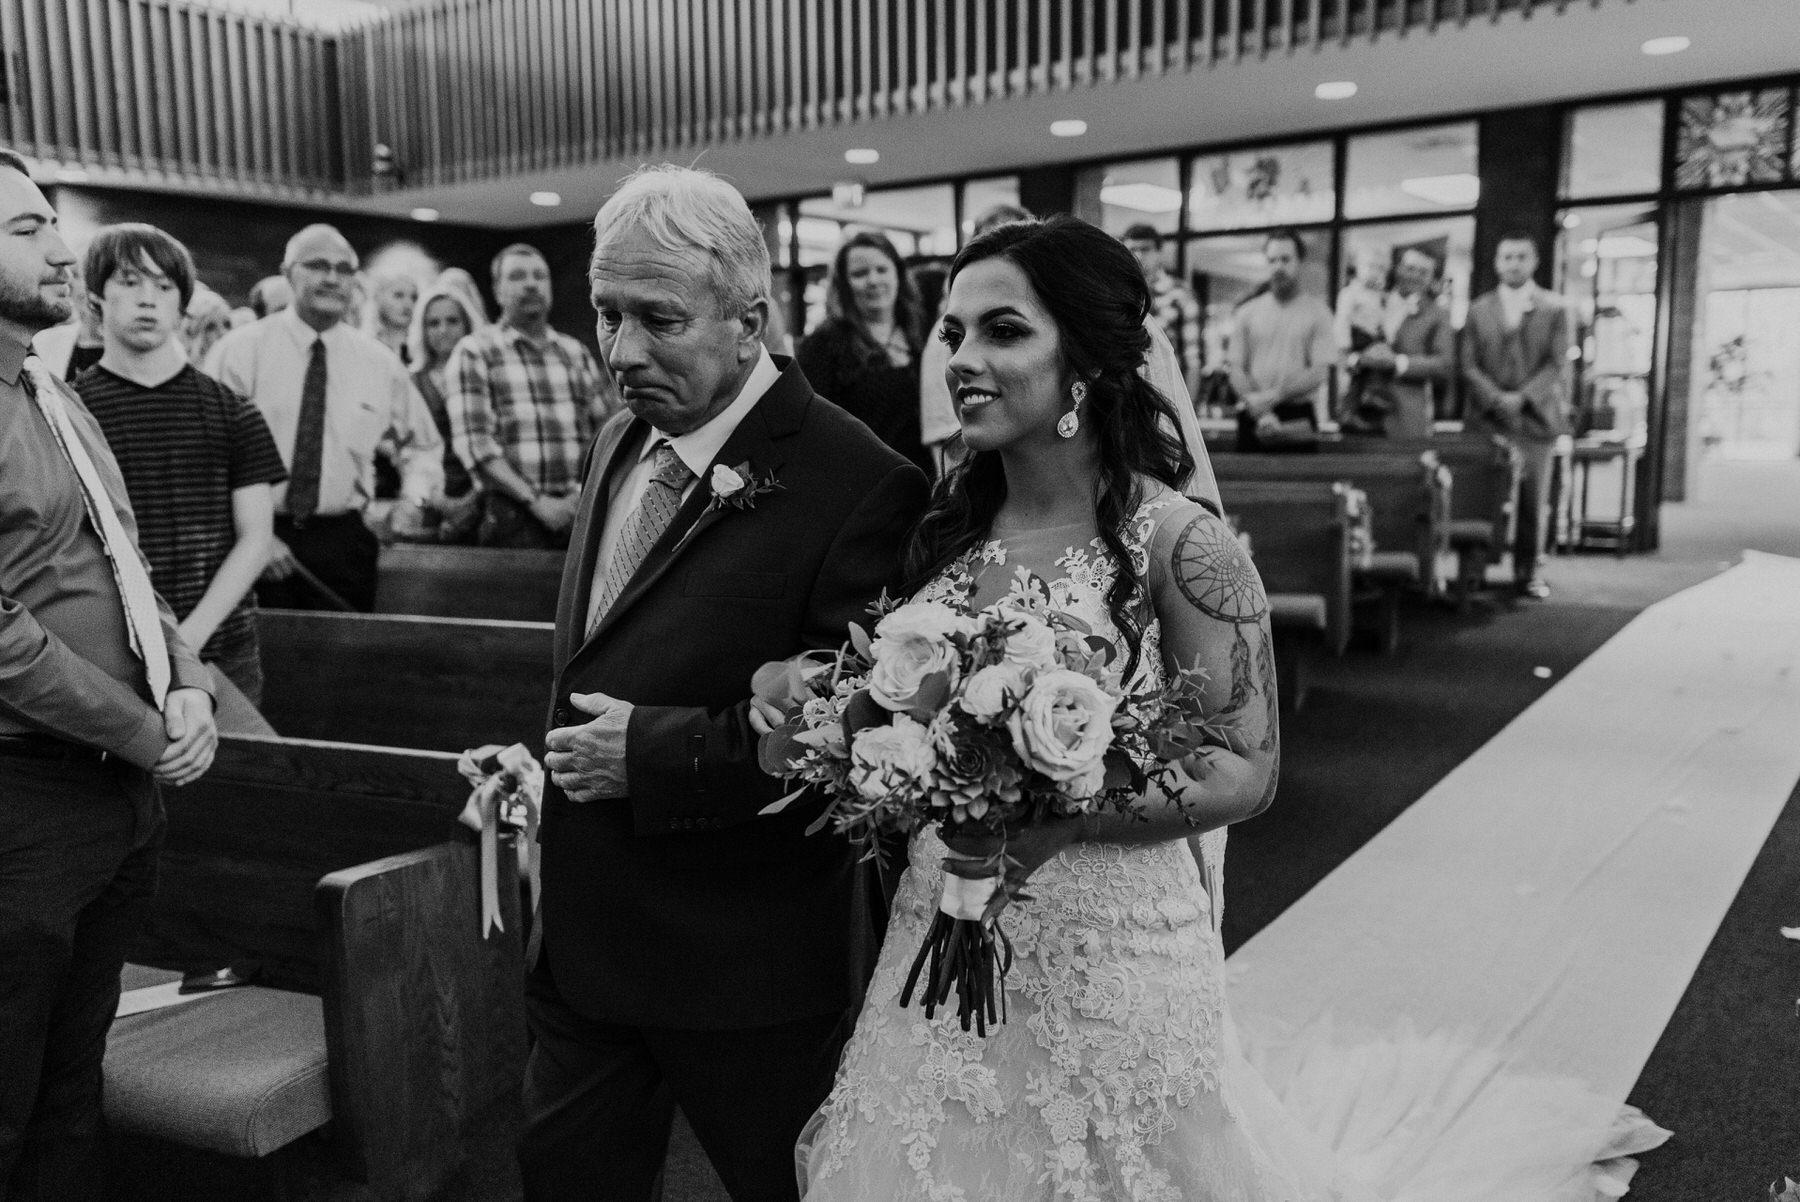 Kaylie-Sirek-Photography-Kearney-Nebraska-Wedding-050.jpg